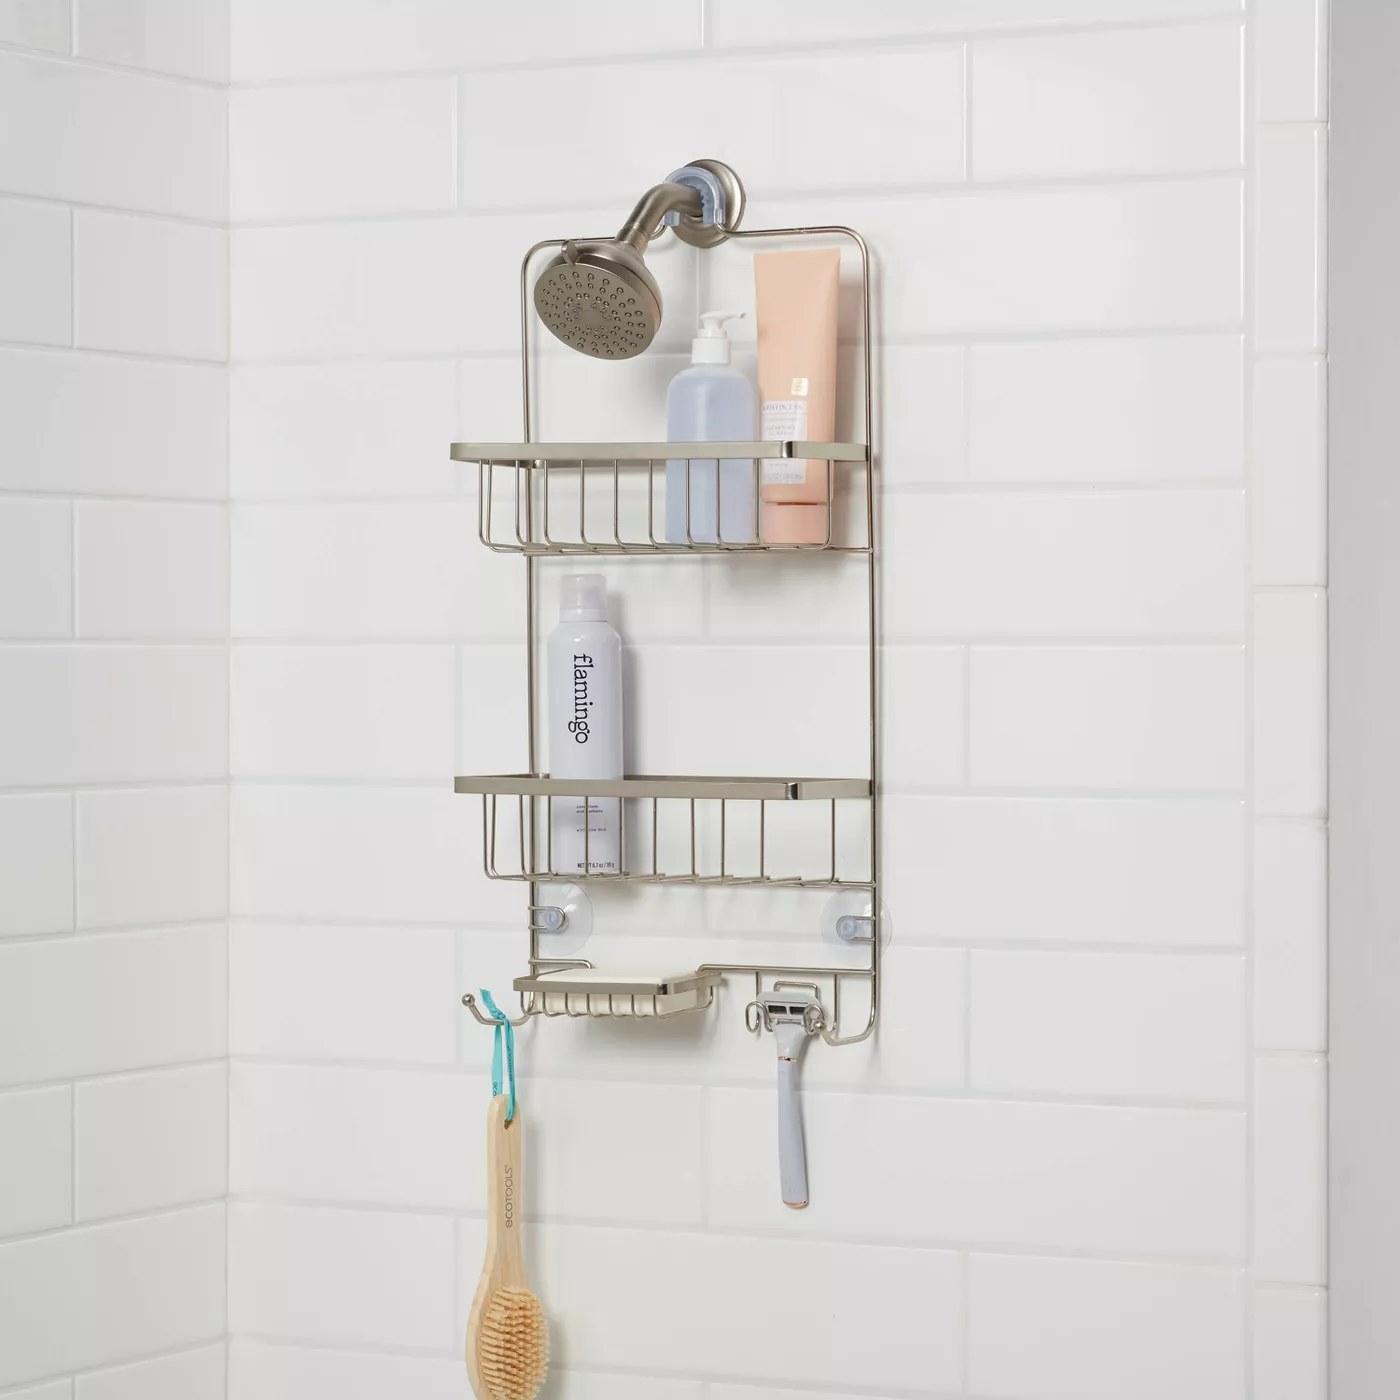 A shower caddy